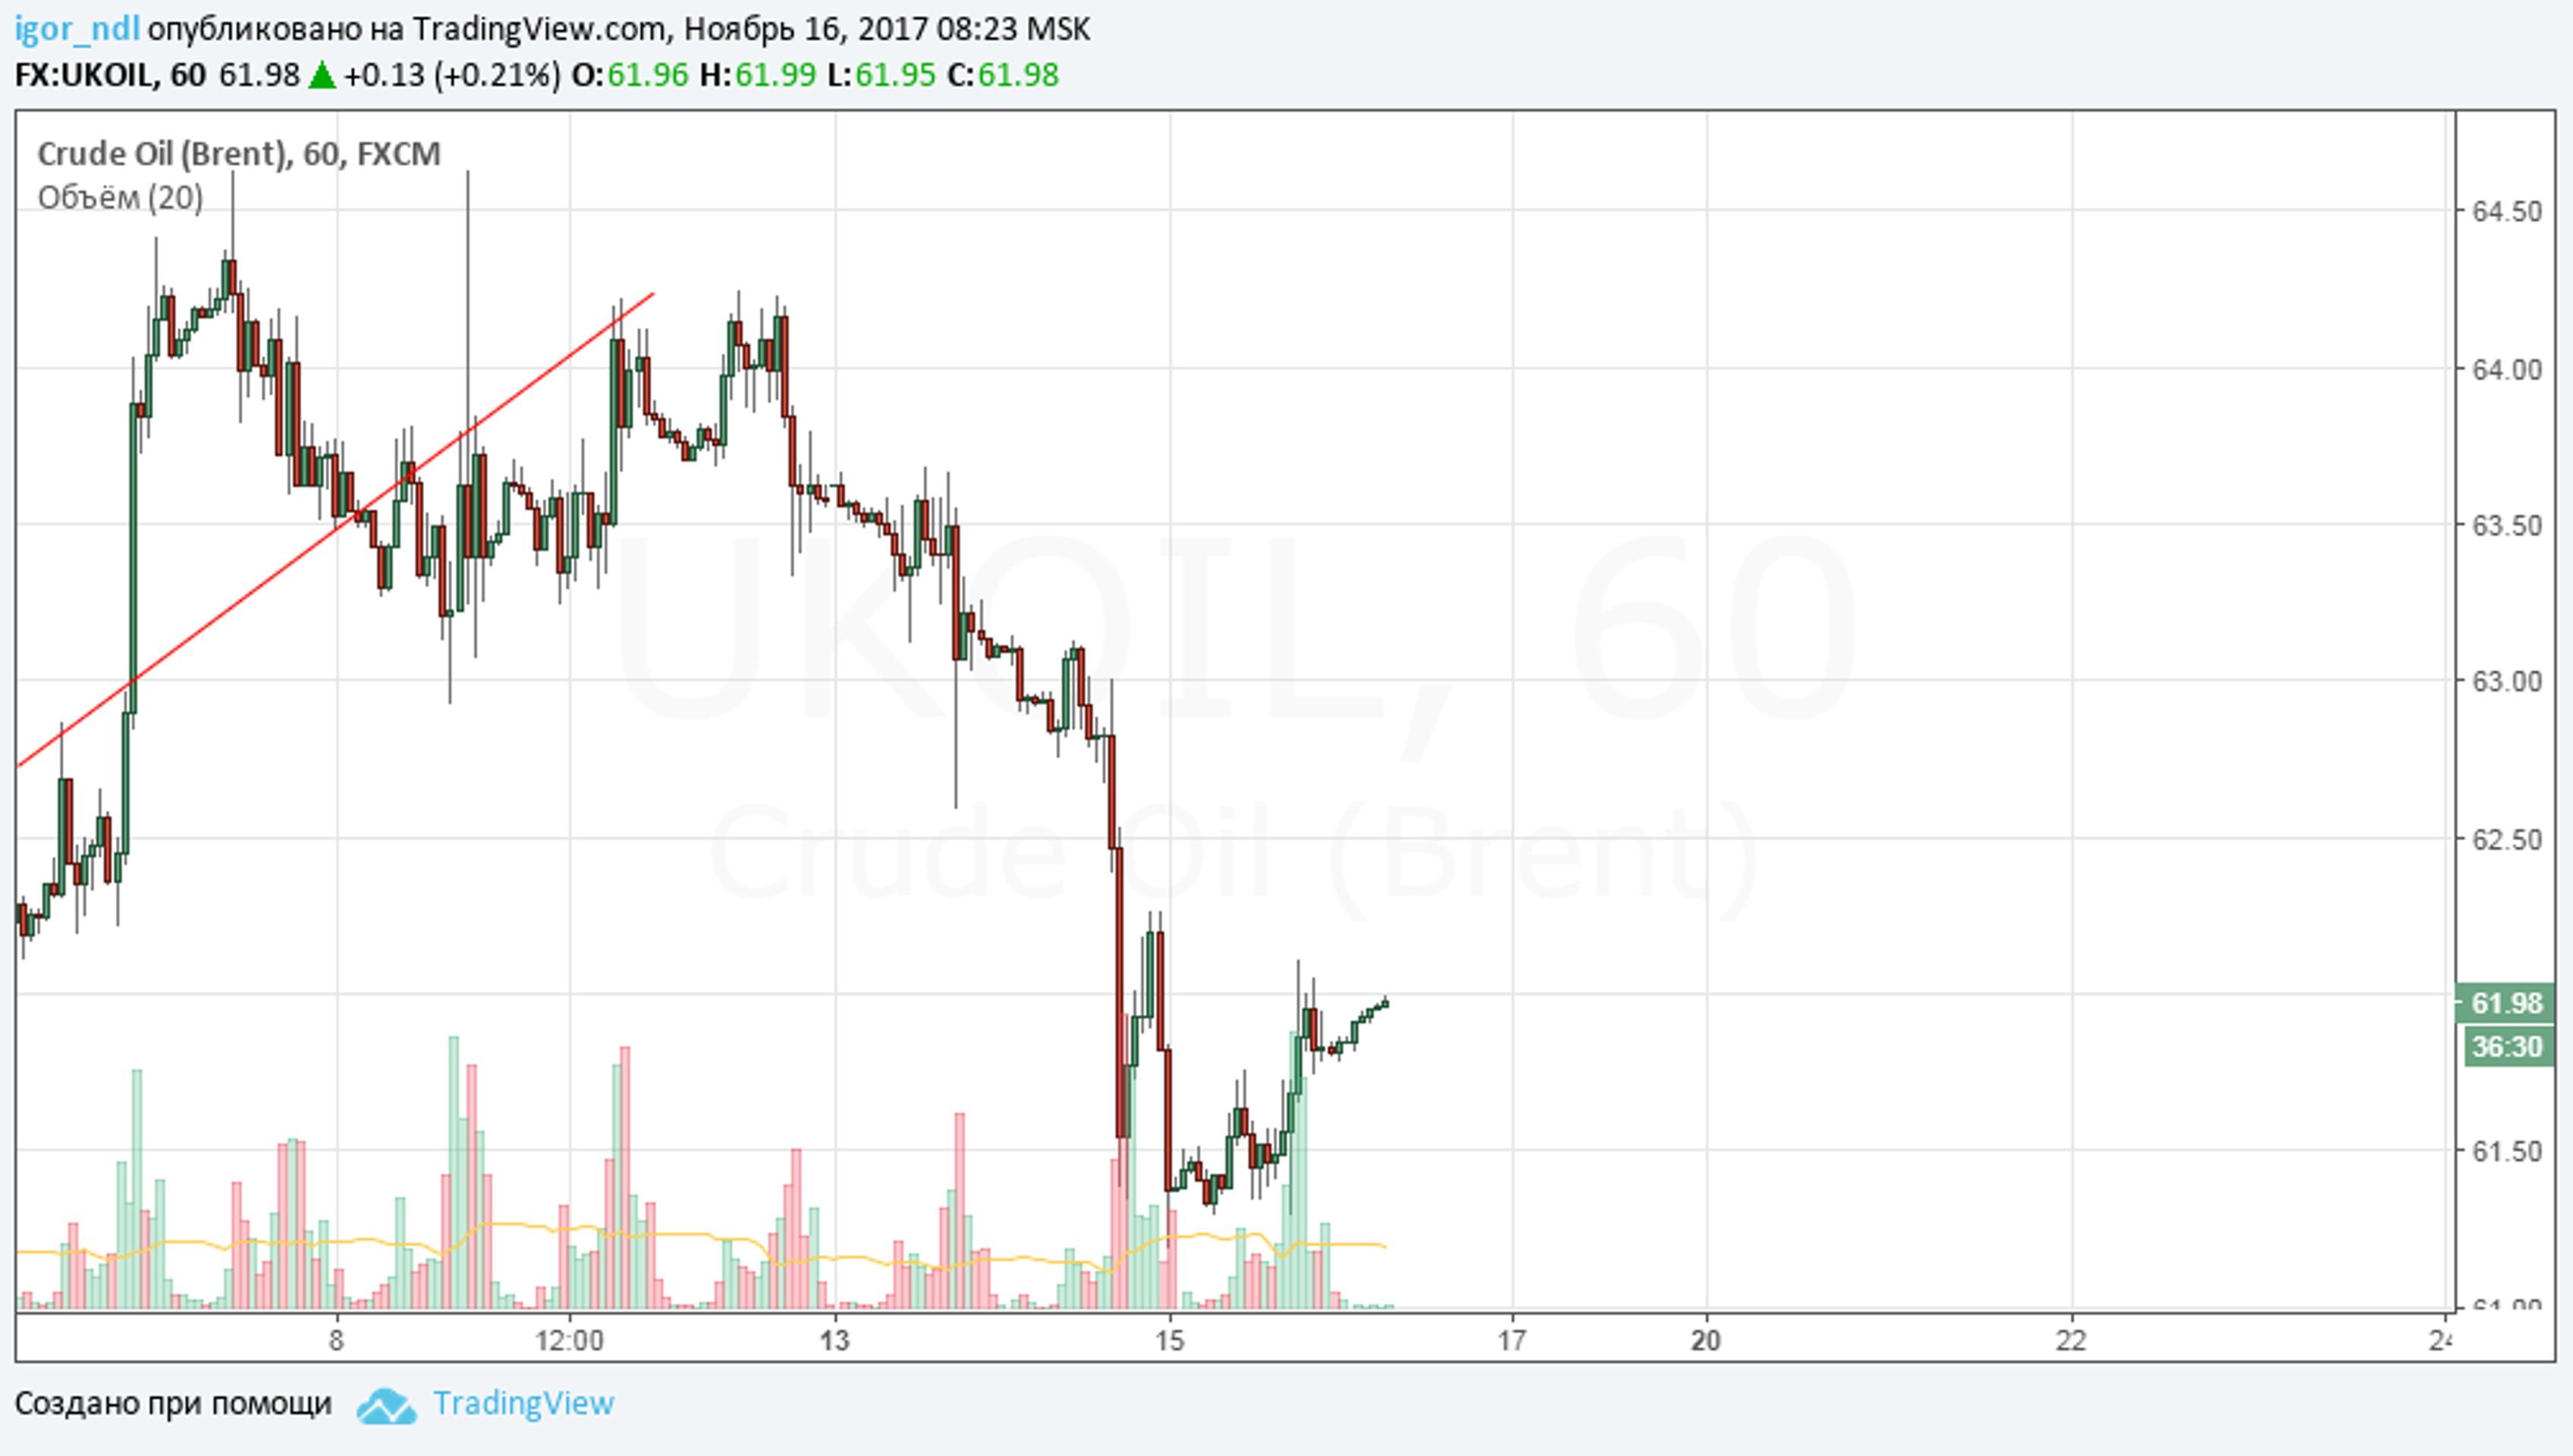 Цены: балансируя между ОПЕК и рекордной добычей США